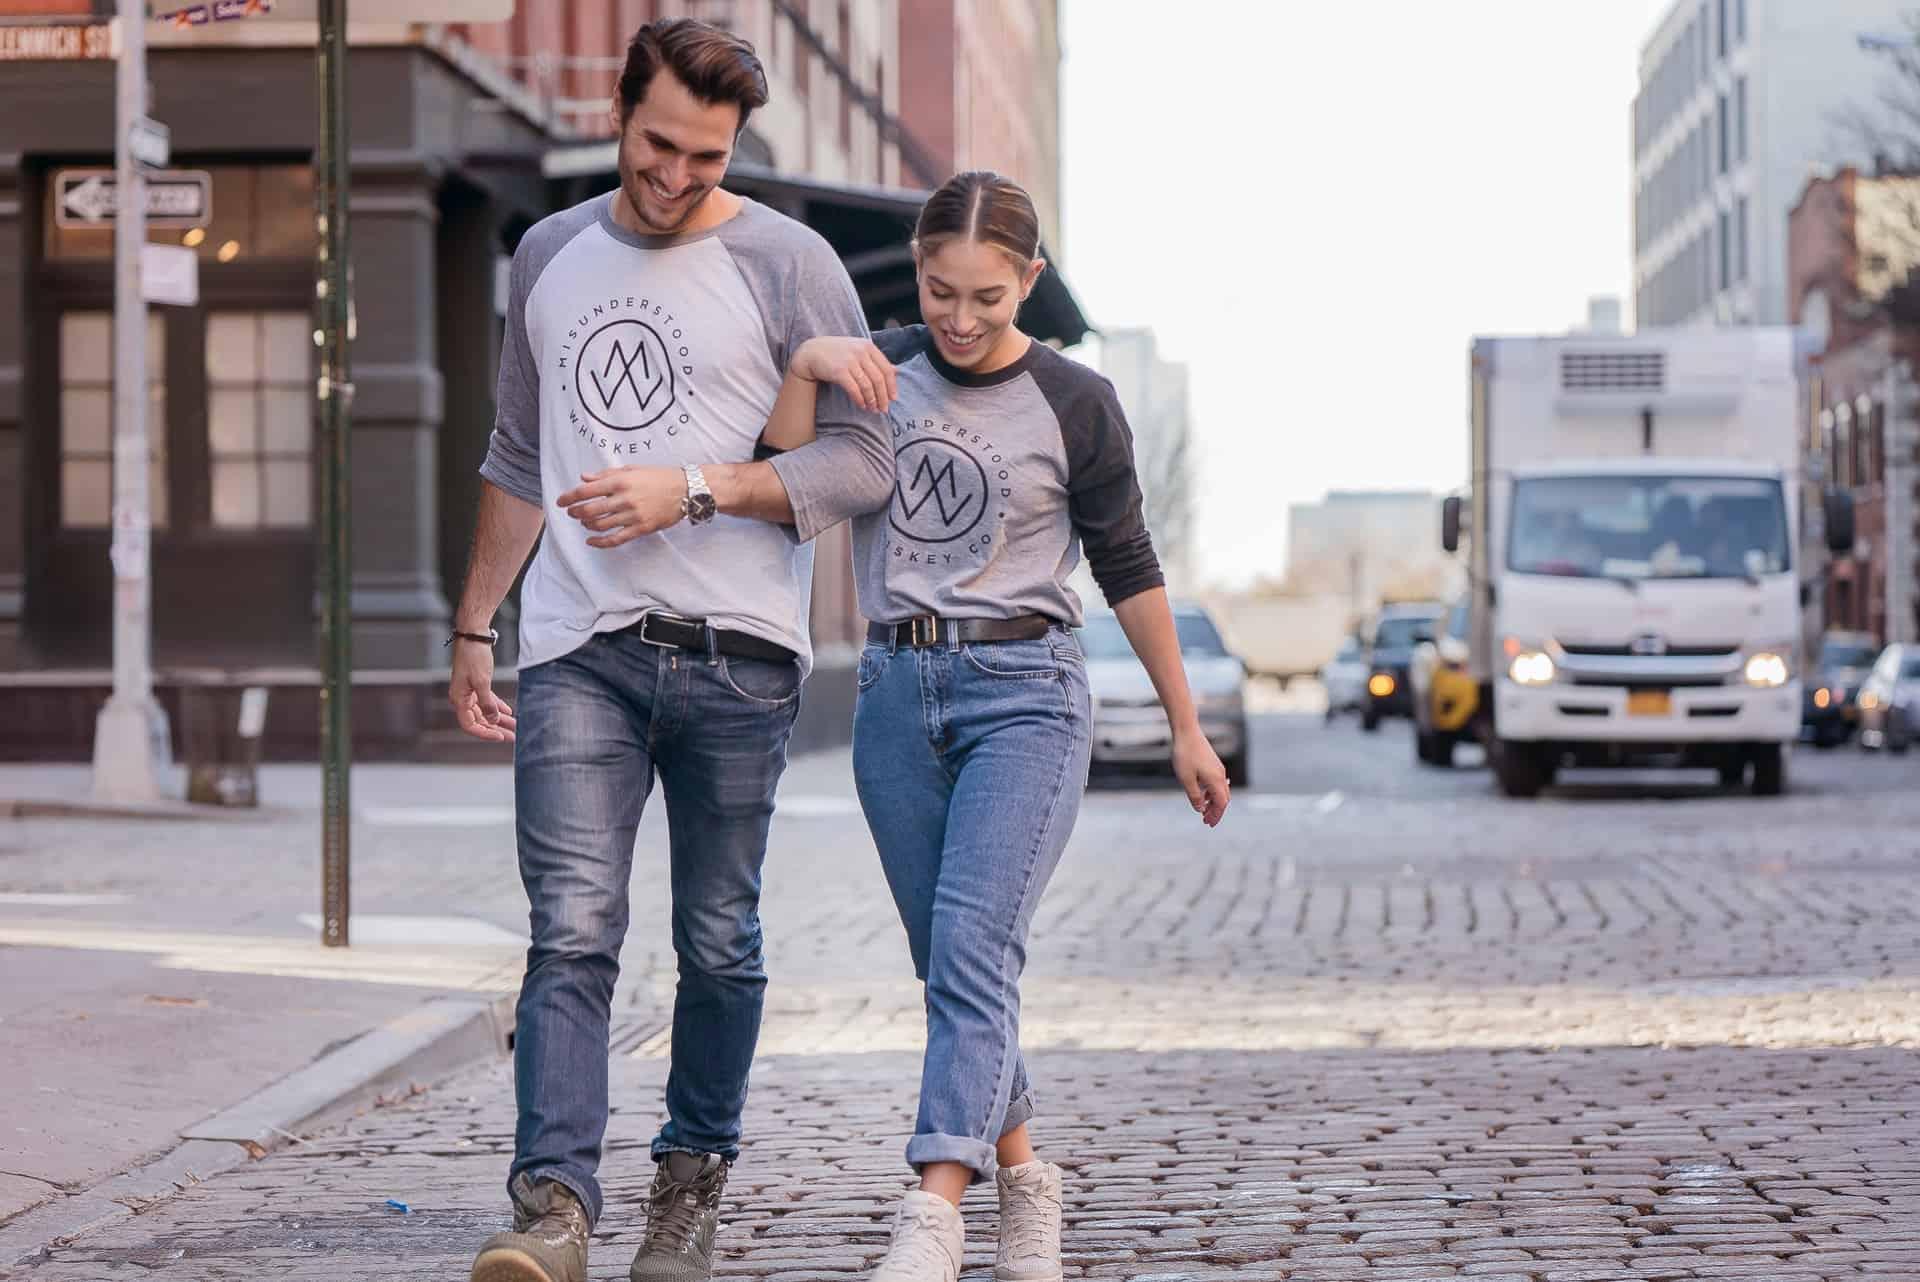 un homme et une femme marchent dans la rue